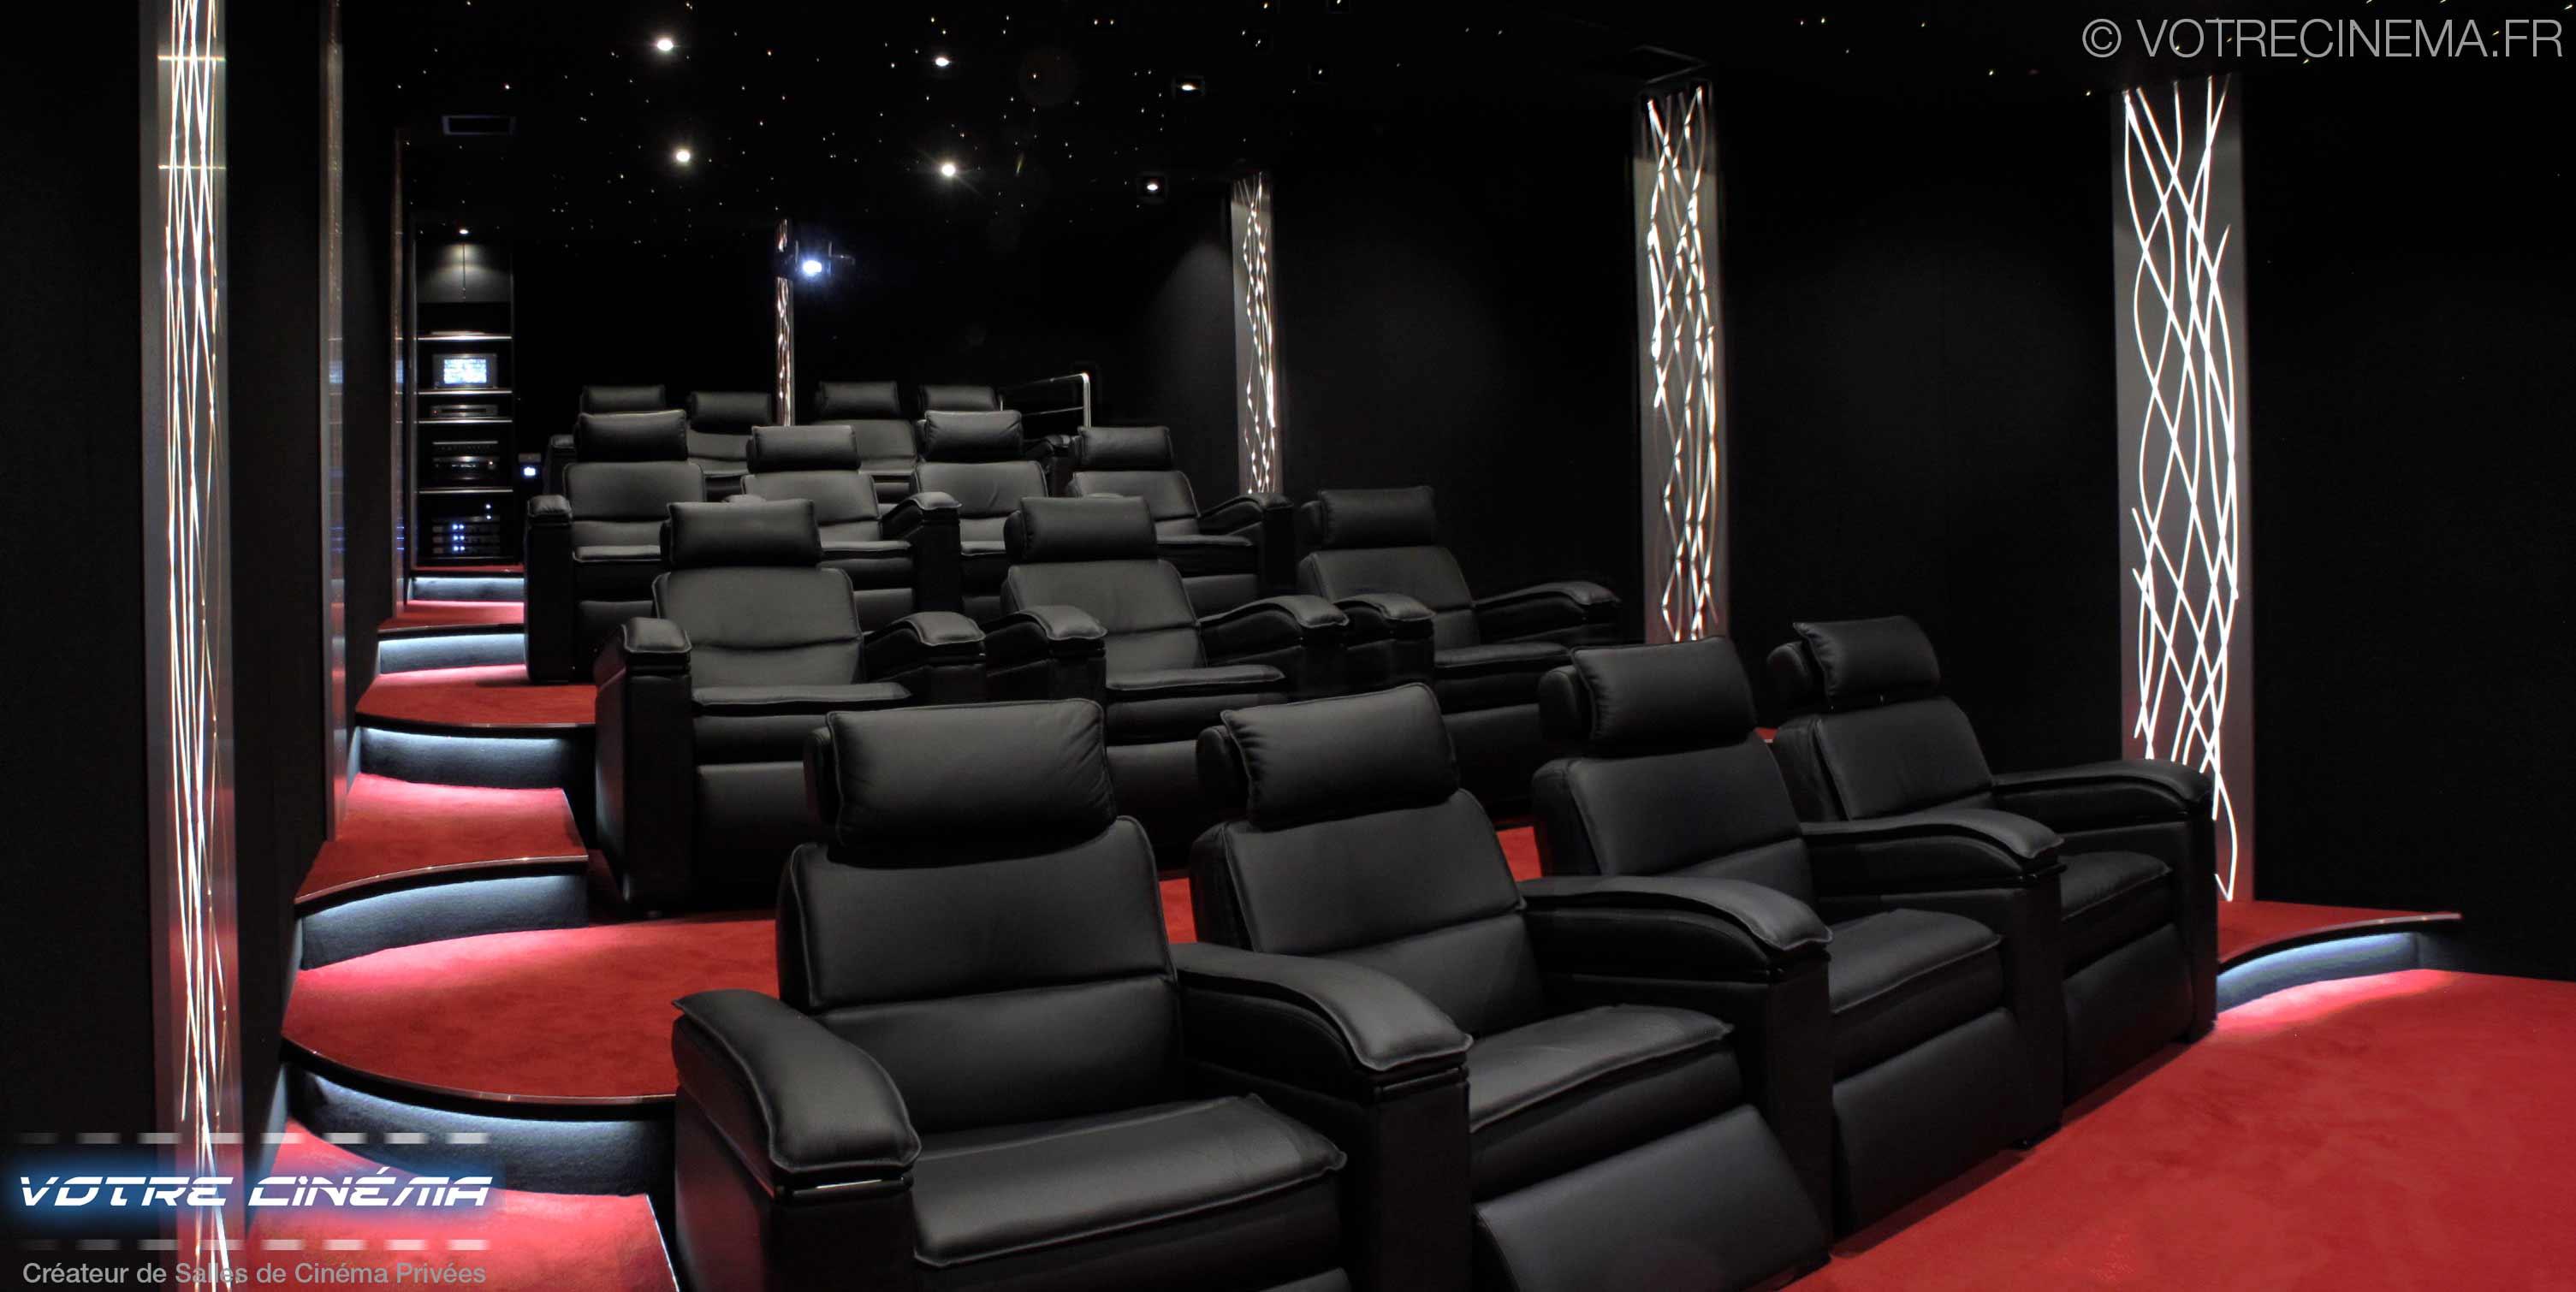 Salle cinéma à domicile Abidjan Côte d'Ivoire